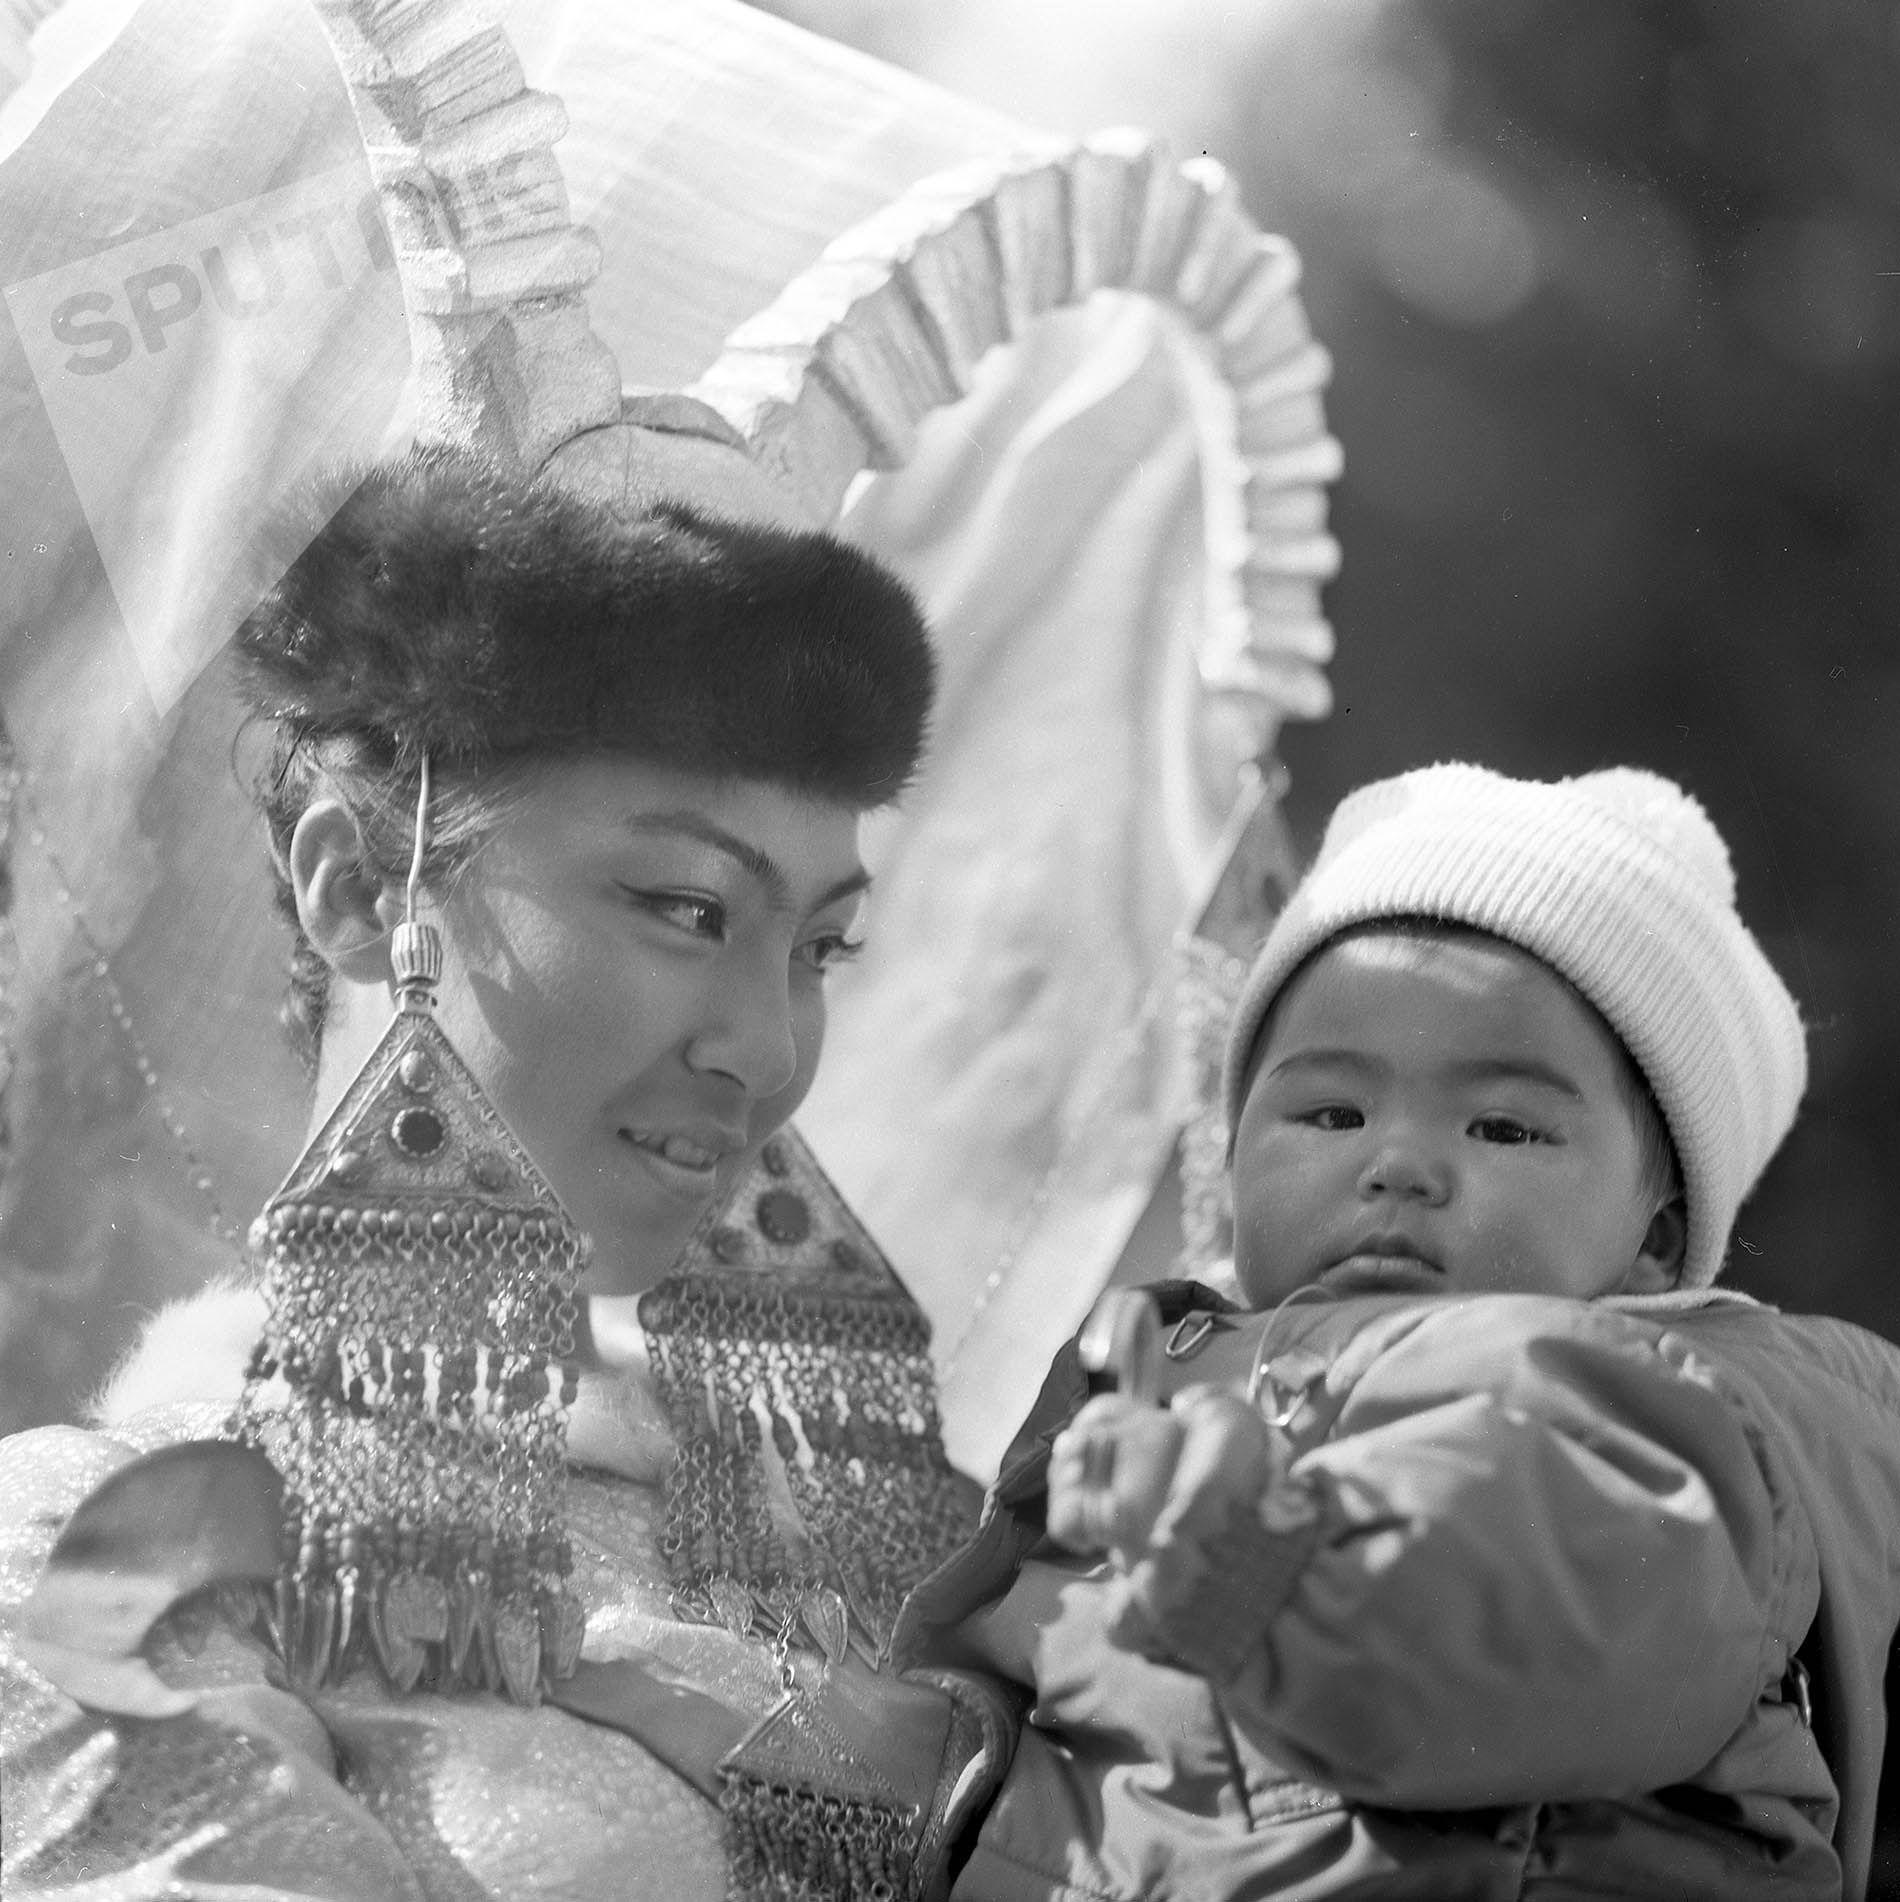 Актриса Айтурган Темирова со своей дочкой Суйутай на съемках фильма Белый пароход в ущелье Чон-Жаргылчак в 1974 году.